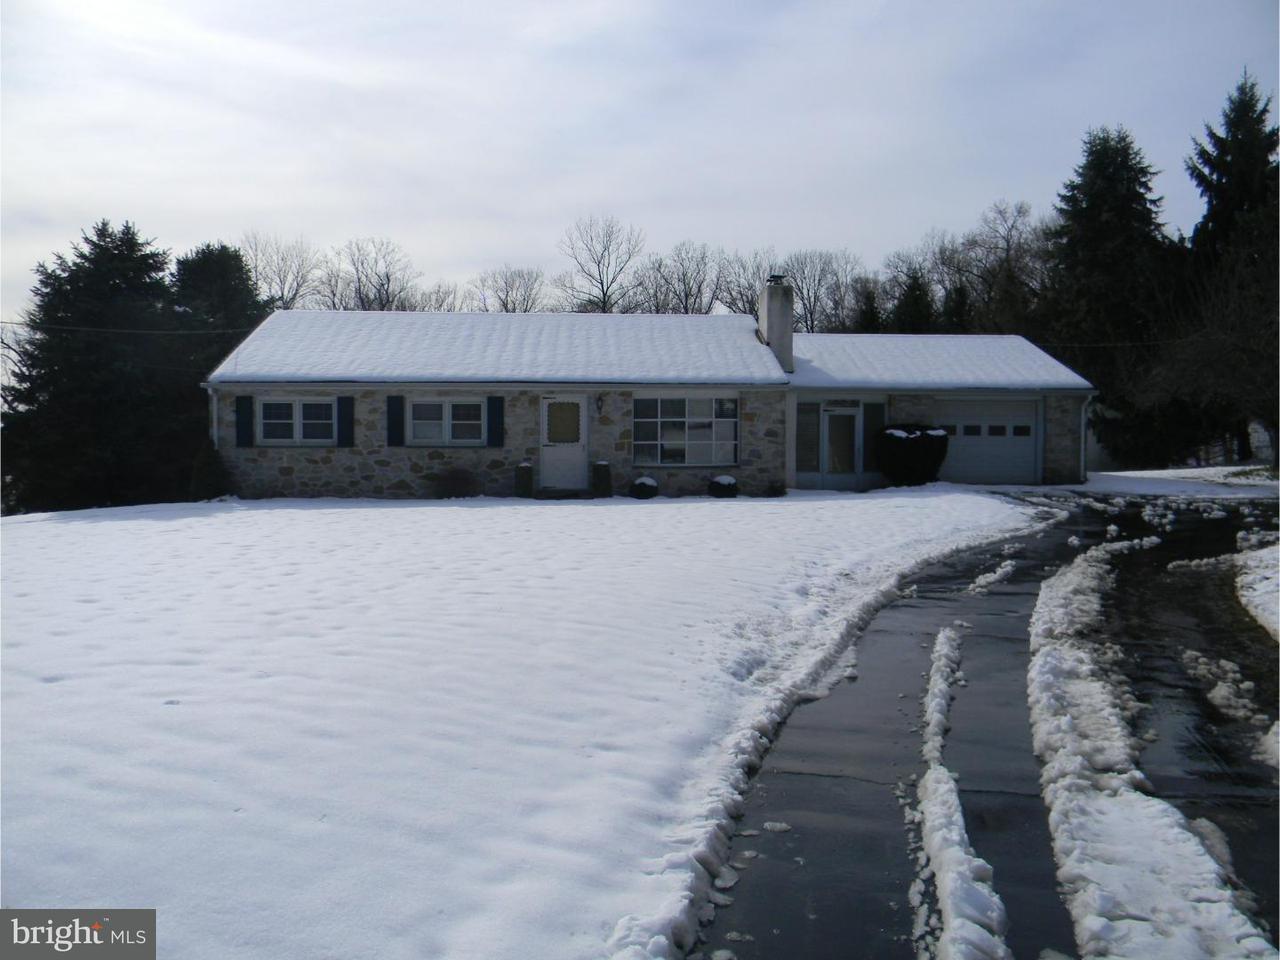 独户住宅 为 出租 在 2080 HOWELL Road 马尔文, 宾夕法尼亚州 19355 美国